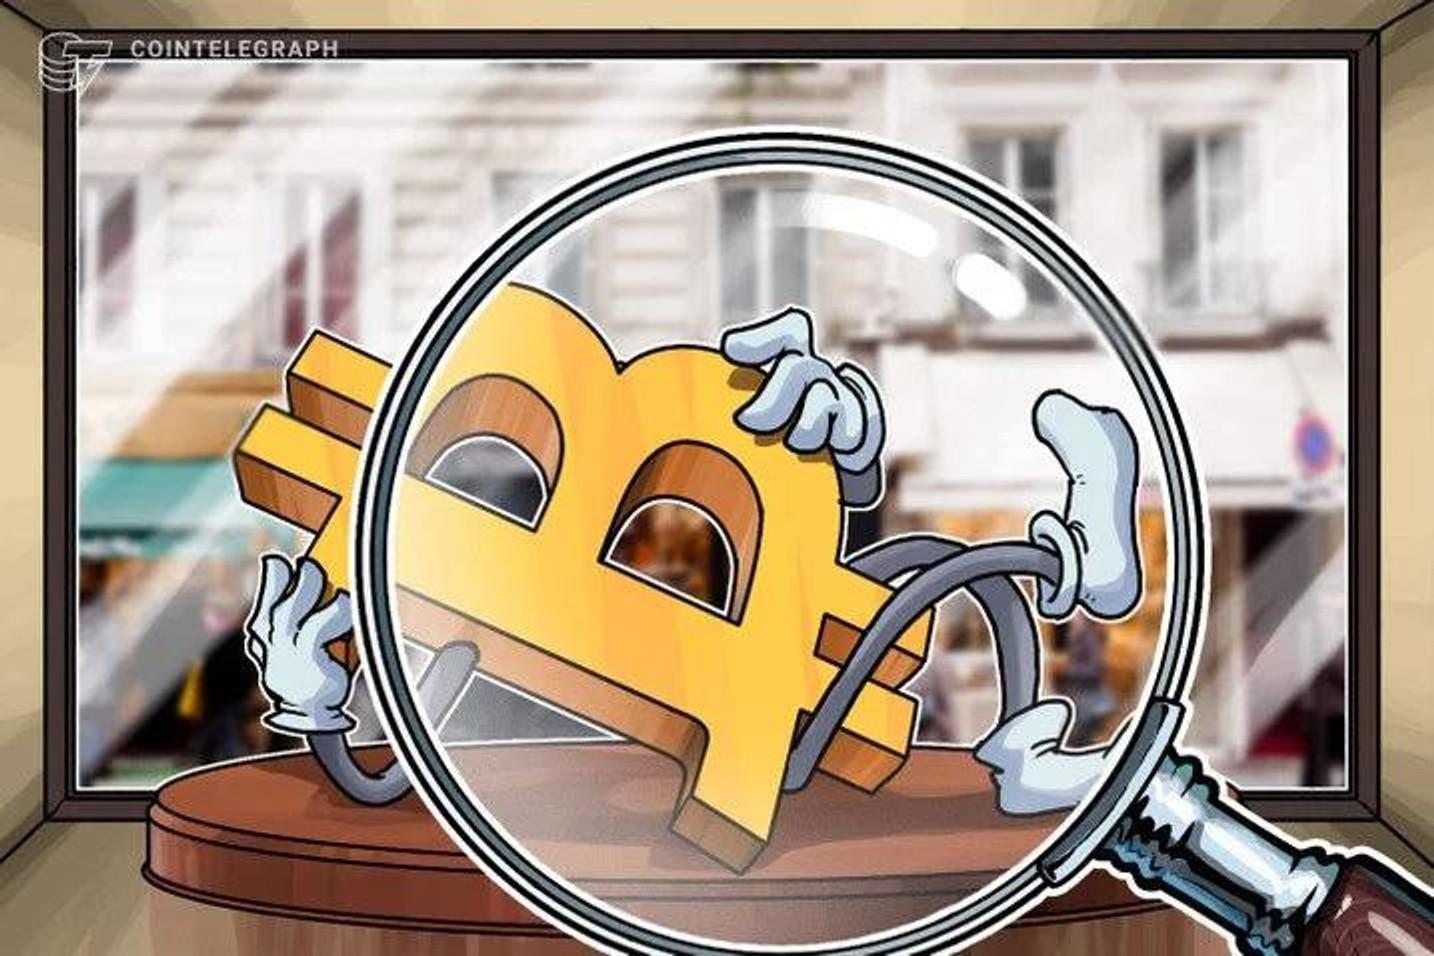 """""""La capitalización de Bitcoin alcanzará los 10 billones de dólares cuando el mercado institucional adopte al BTC"""", dice gerente de EE.UU."""